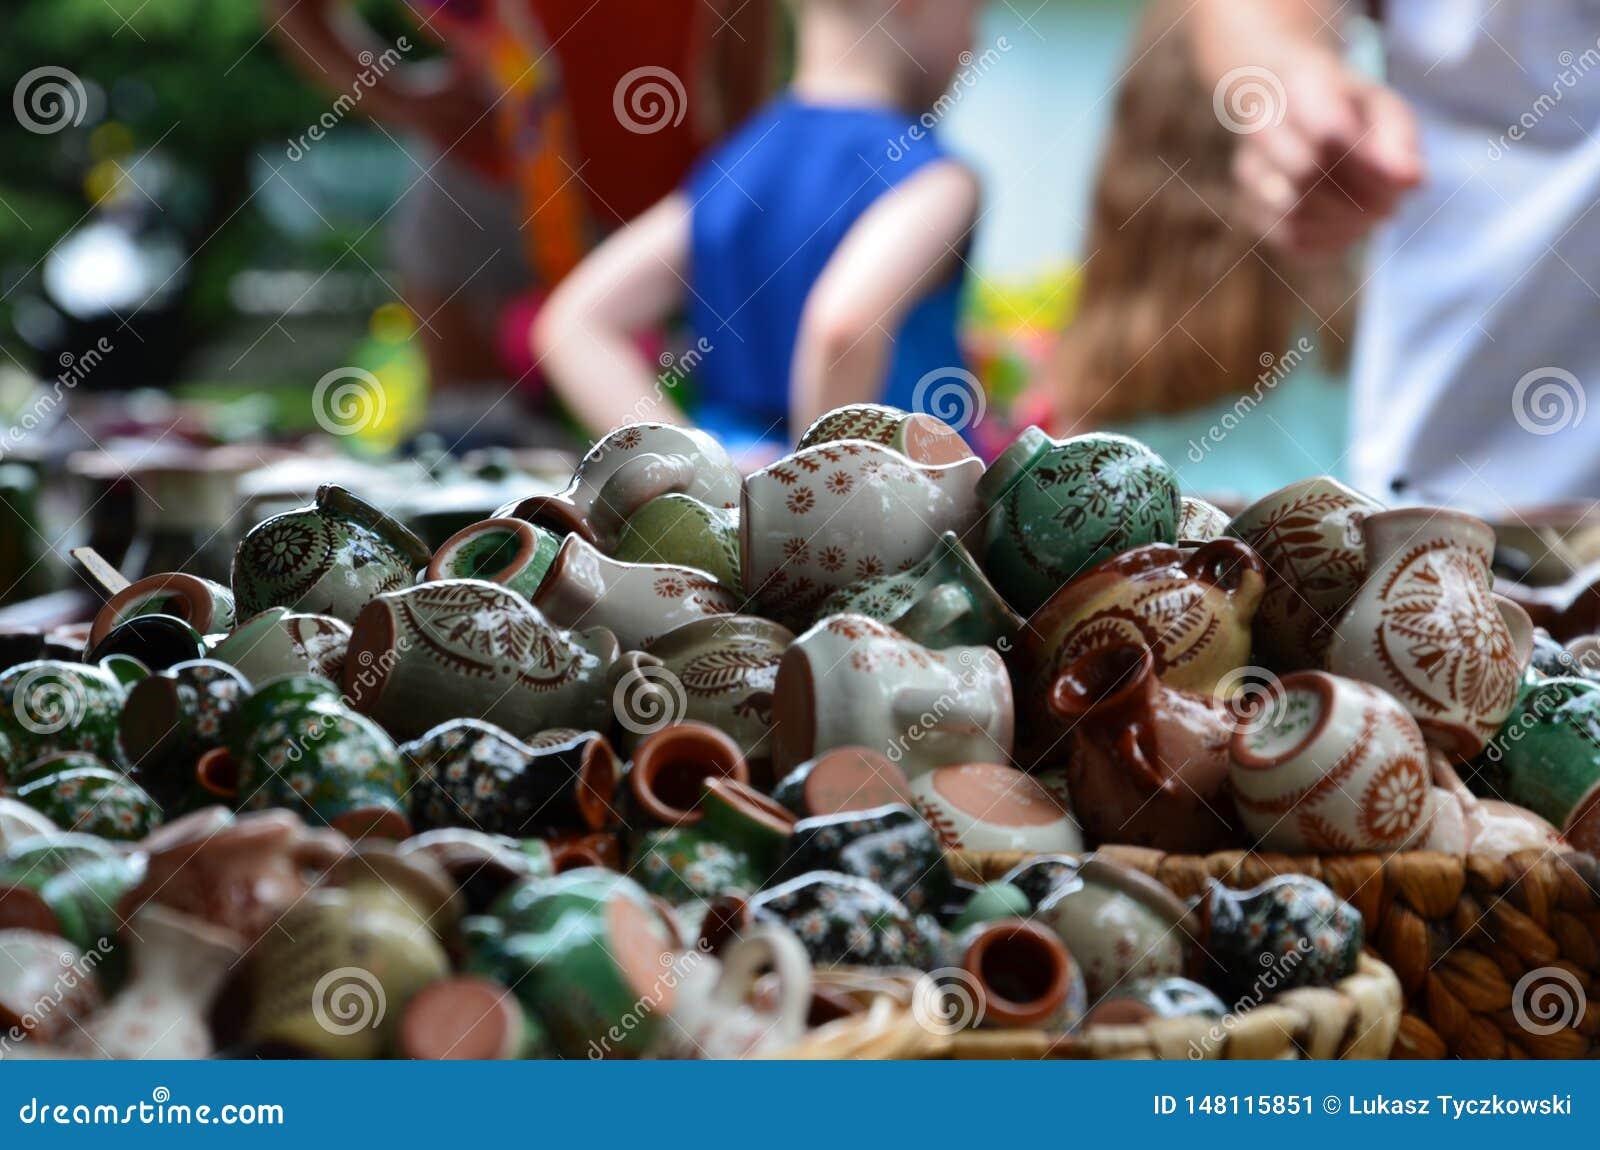 Handicrafted-Sachen machten in Polen w?hrend eines Kunstereignisses im Park